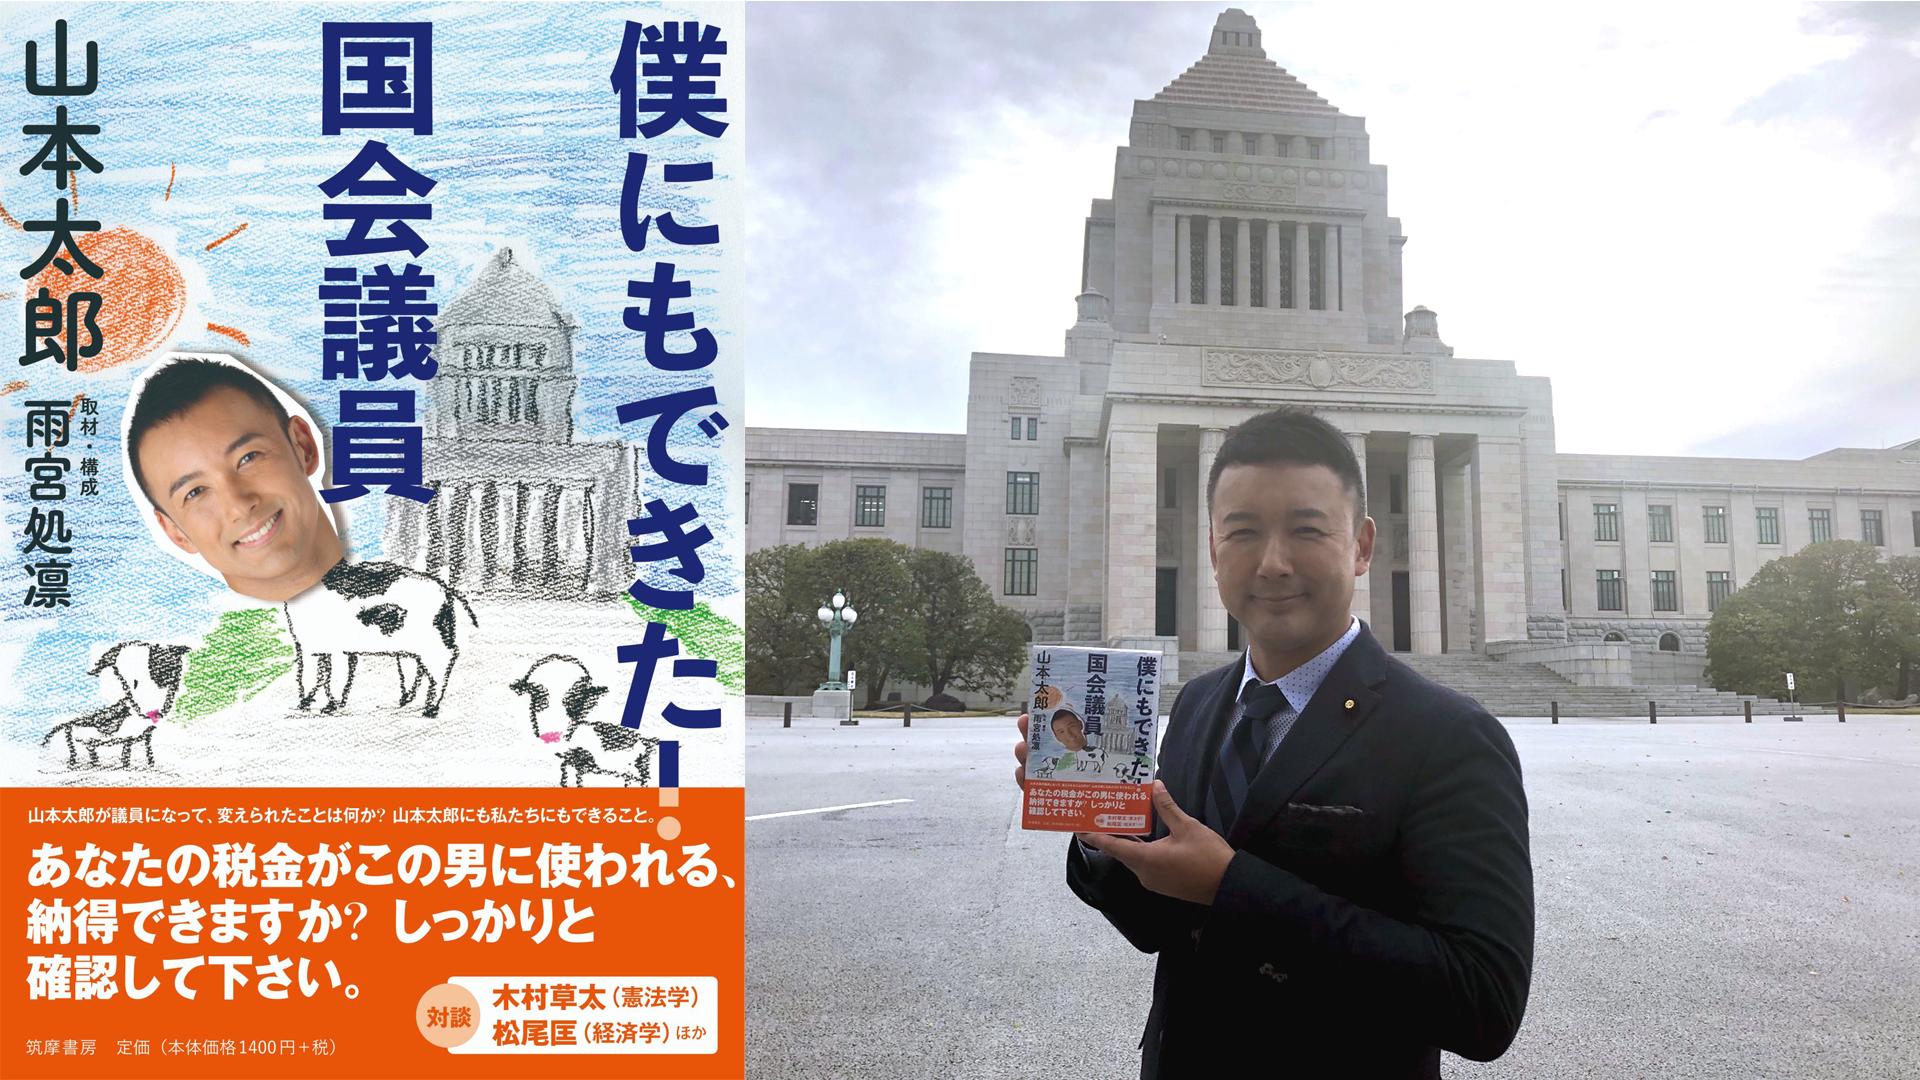 広報用国会前ちくま書籍2019.4.11